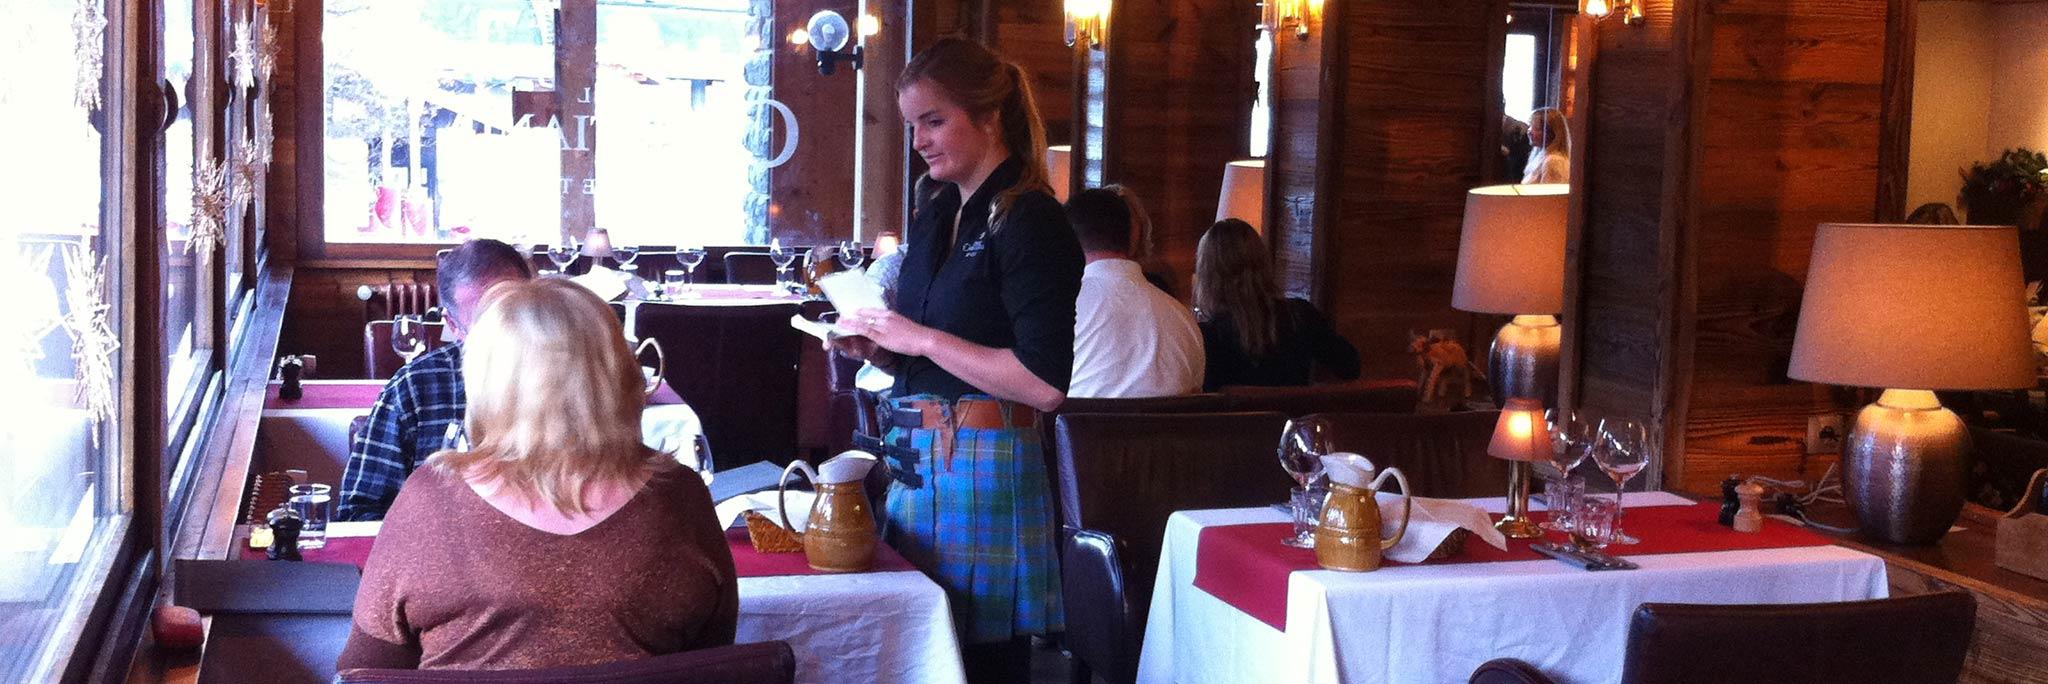 restaurant-waitress-taking-order.jpg